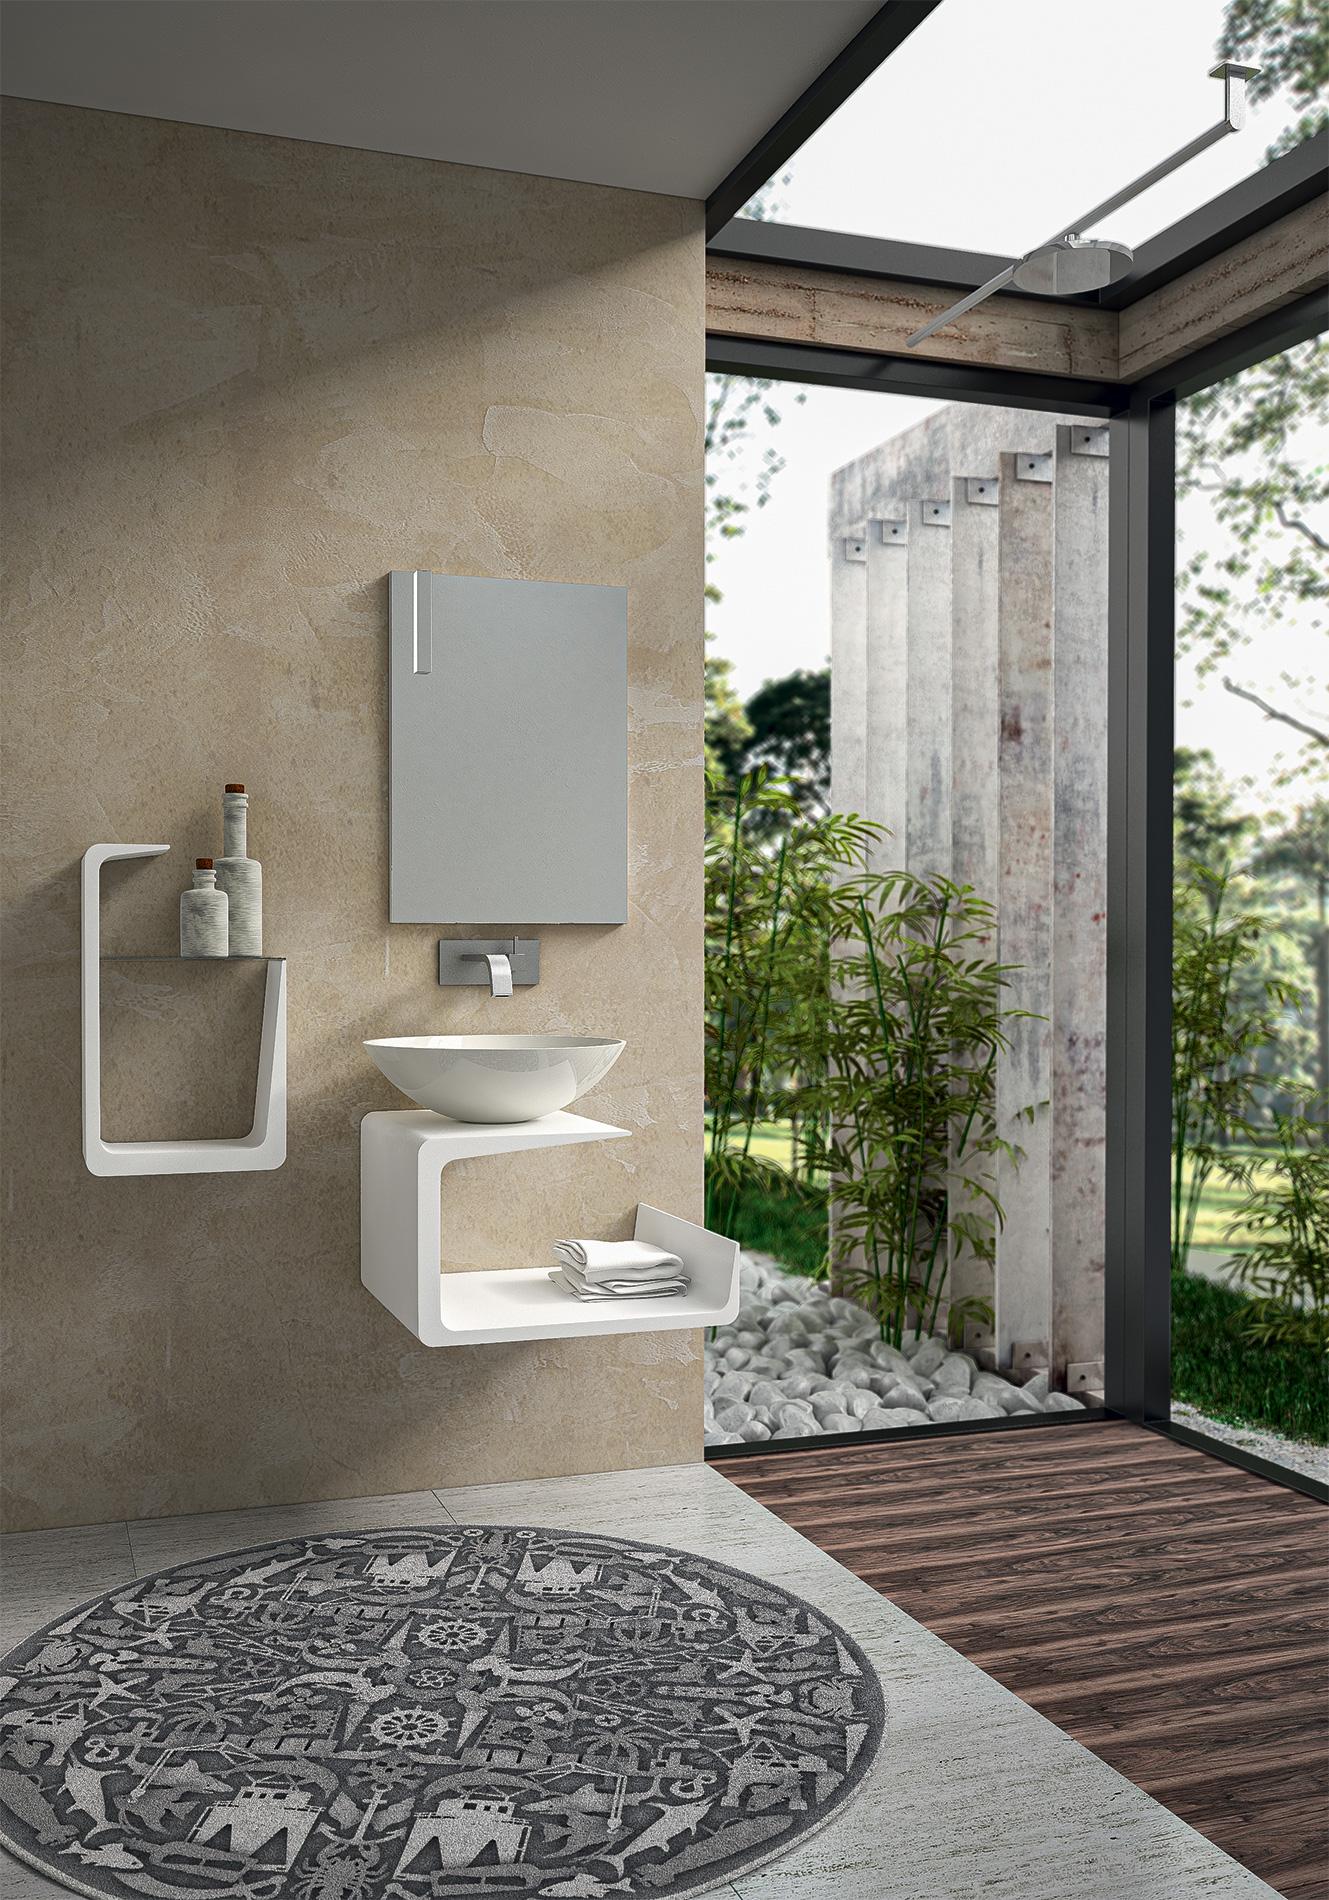 Bathroom Jolly 01 - Licor Design